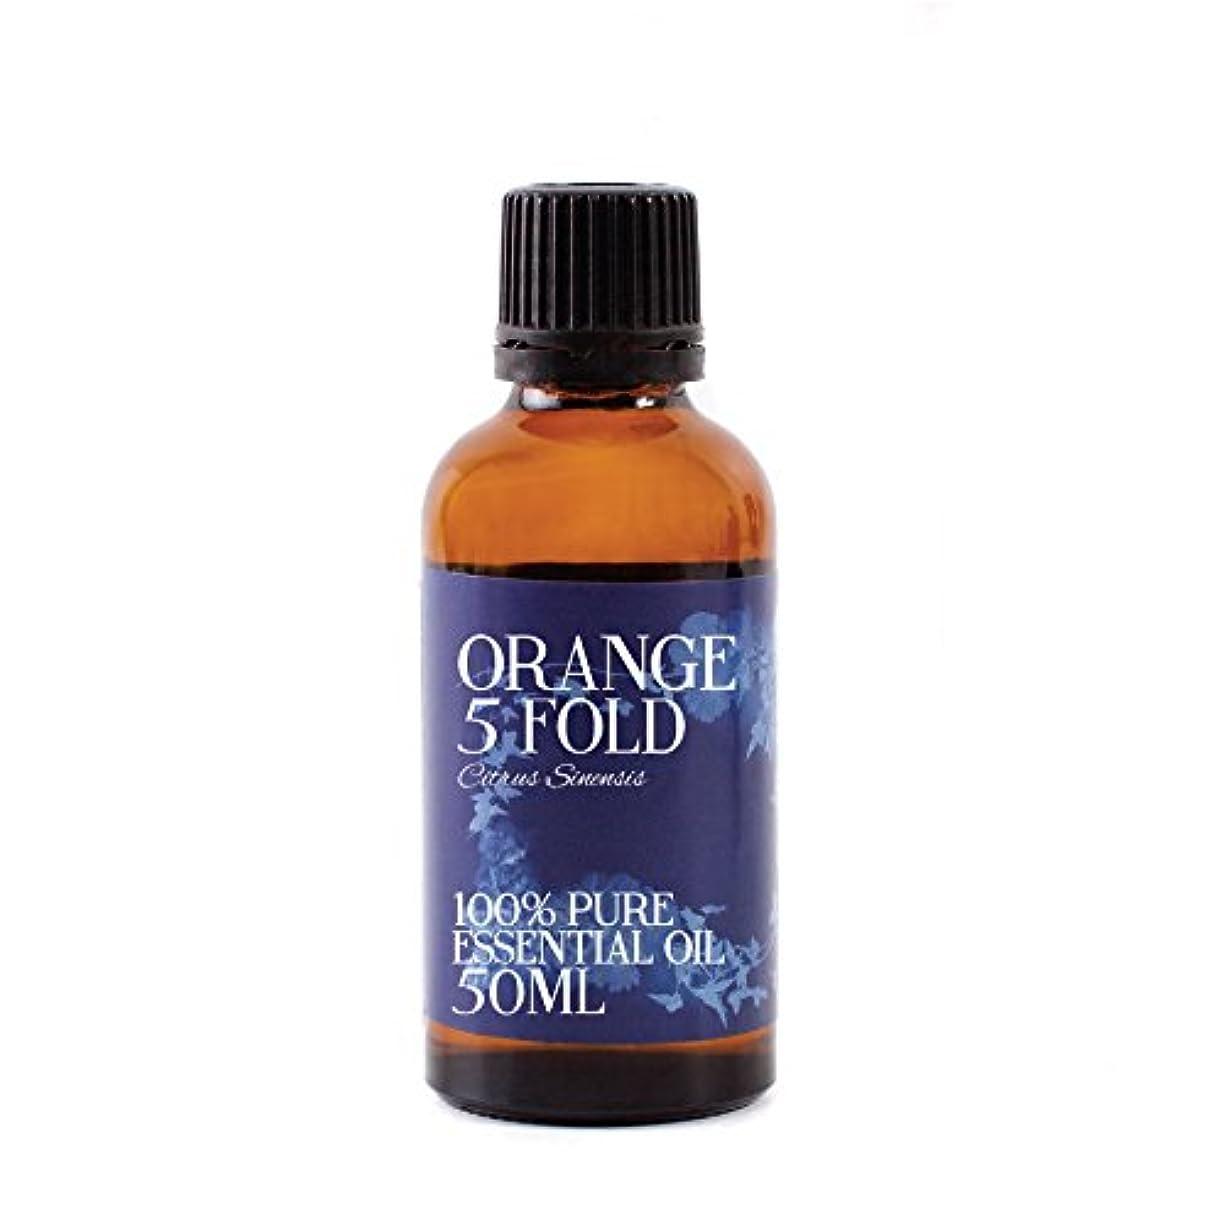 化合物基礎理論感度Mystic Moments | Orange 5 Fold Essential Oil - 50ml - 100% Pure